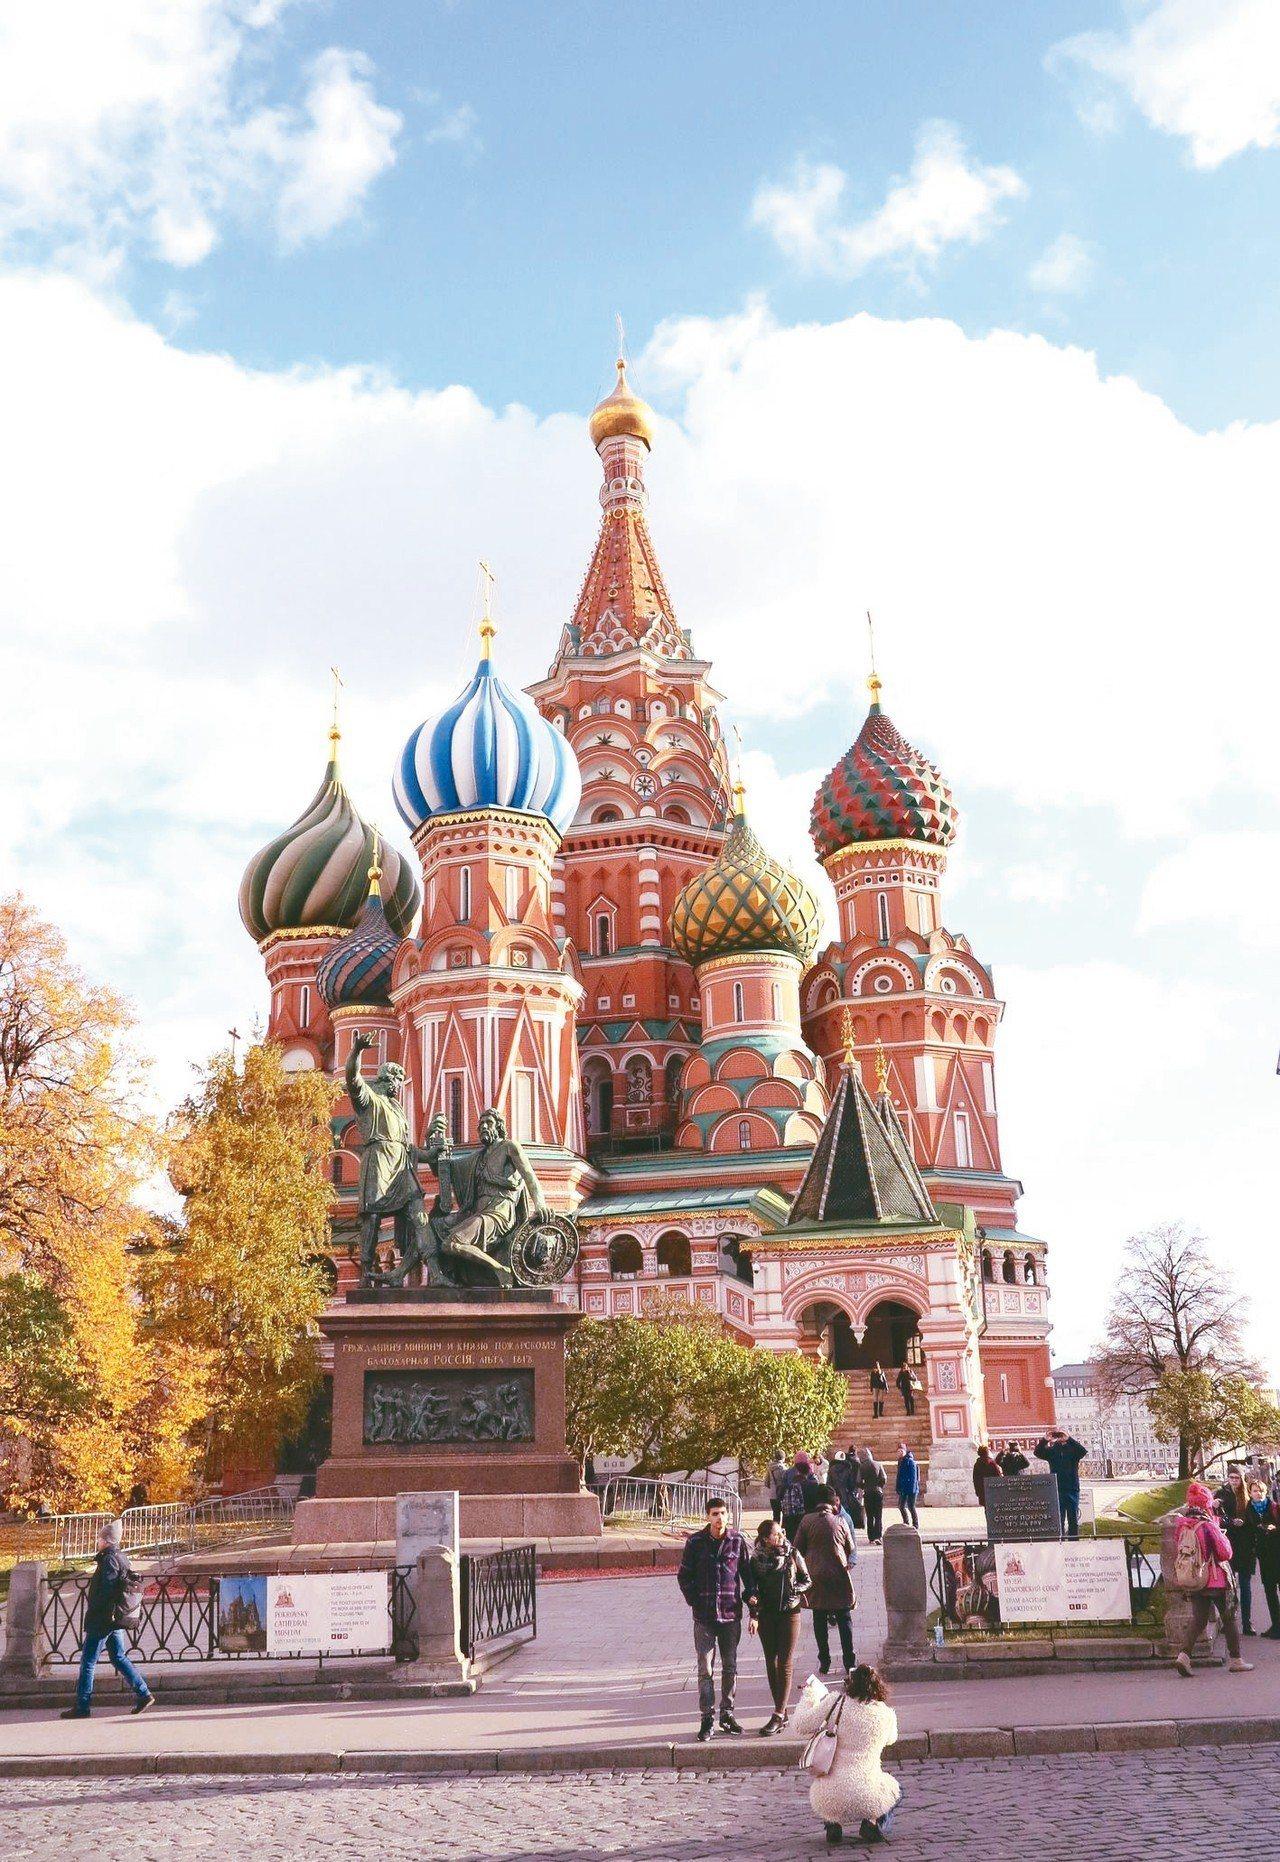 位於莫斯科紅場的聖瓦西里主教堂景致華麗。 圖/陳志光、游慧君